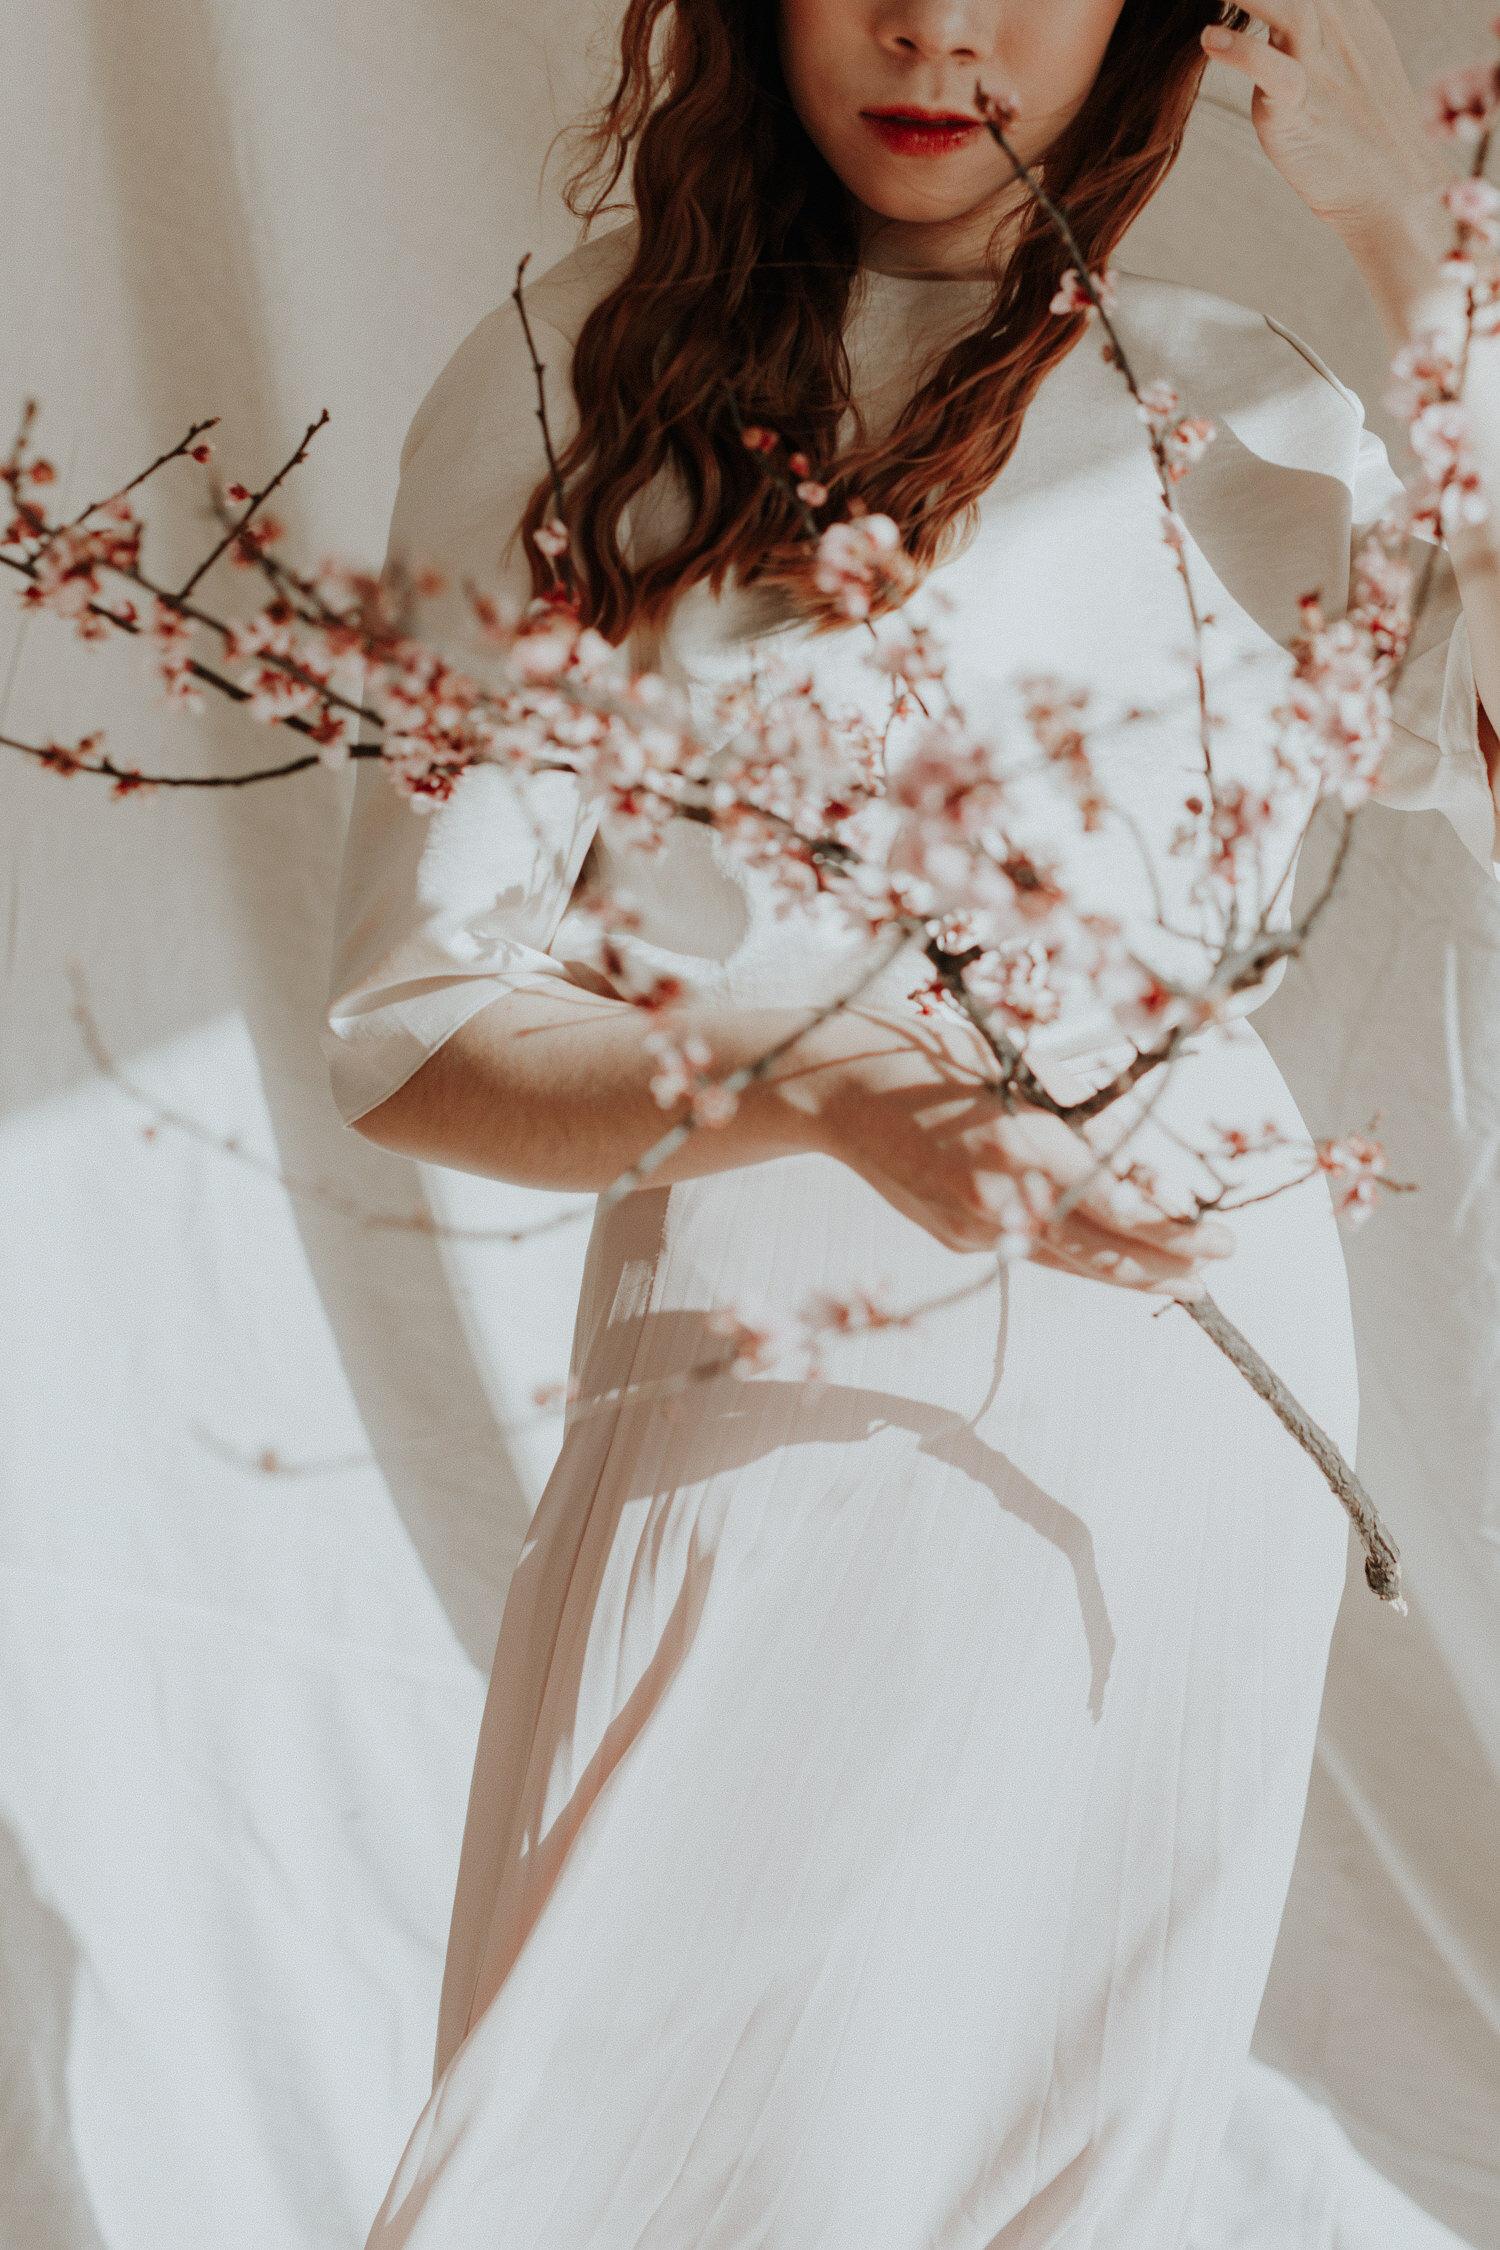 SpringBlossomEditorialCanberraFashionPhotographerJennyWu_-4.jpg